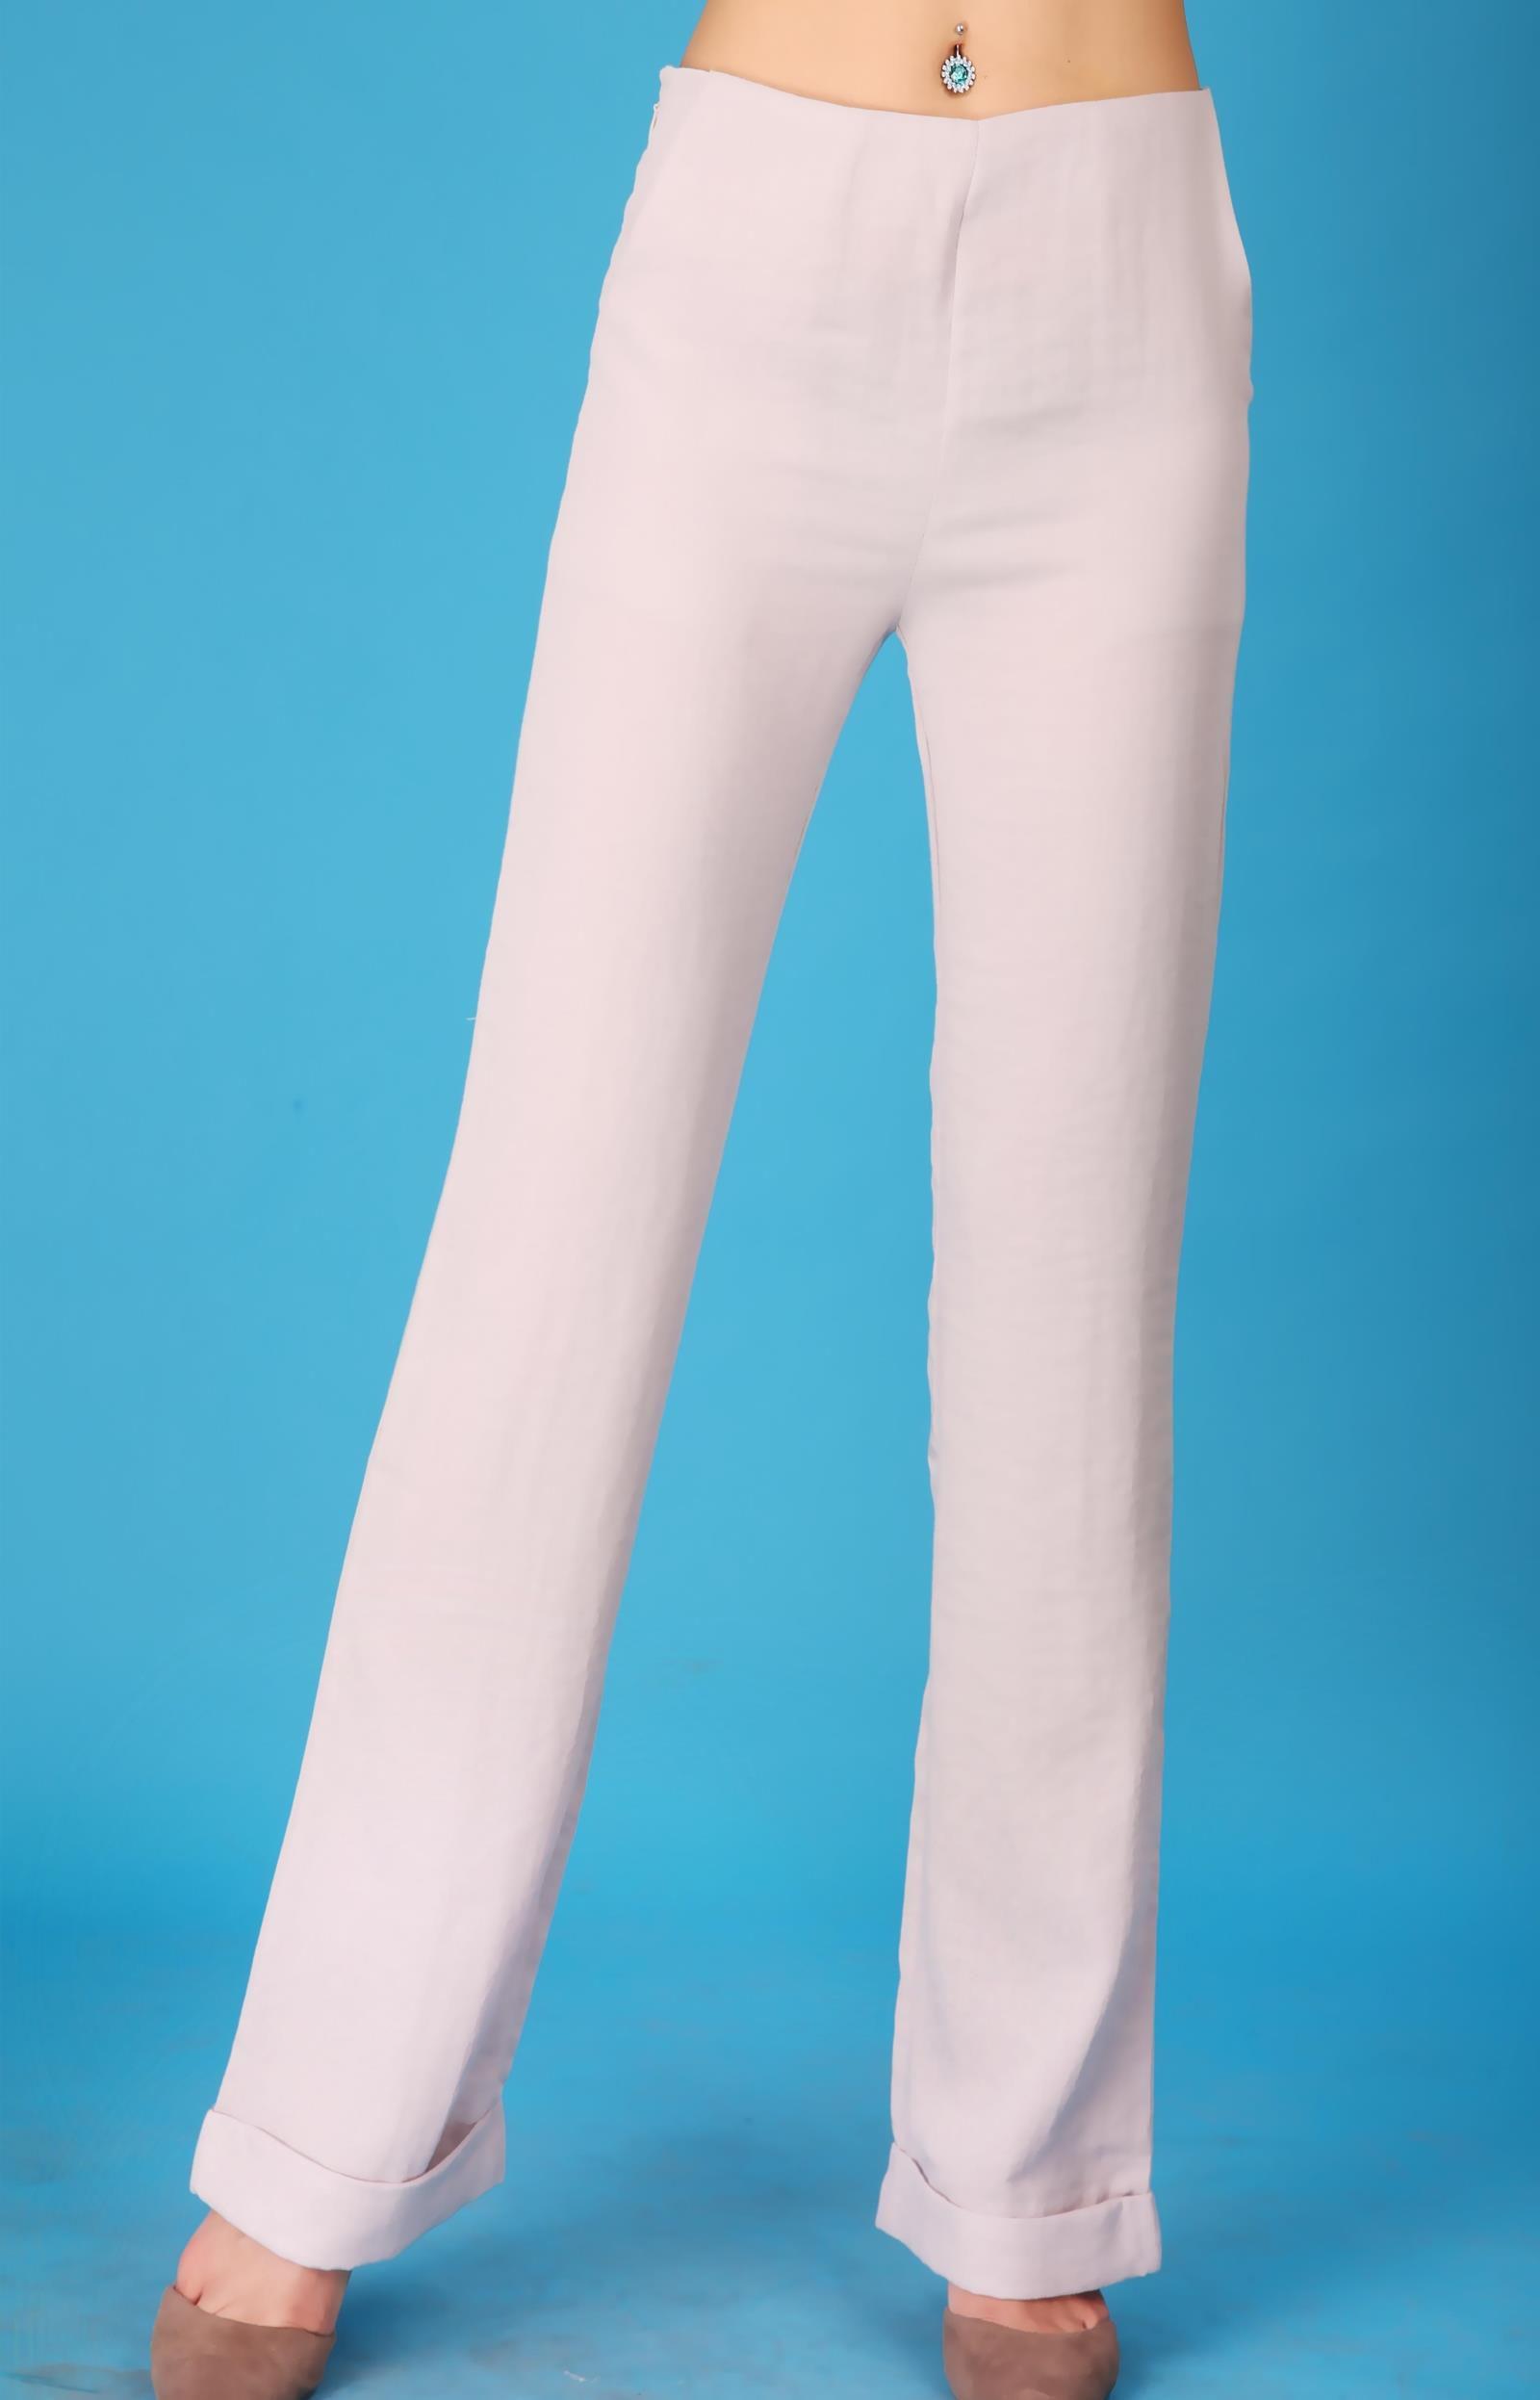 Folk style pants